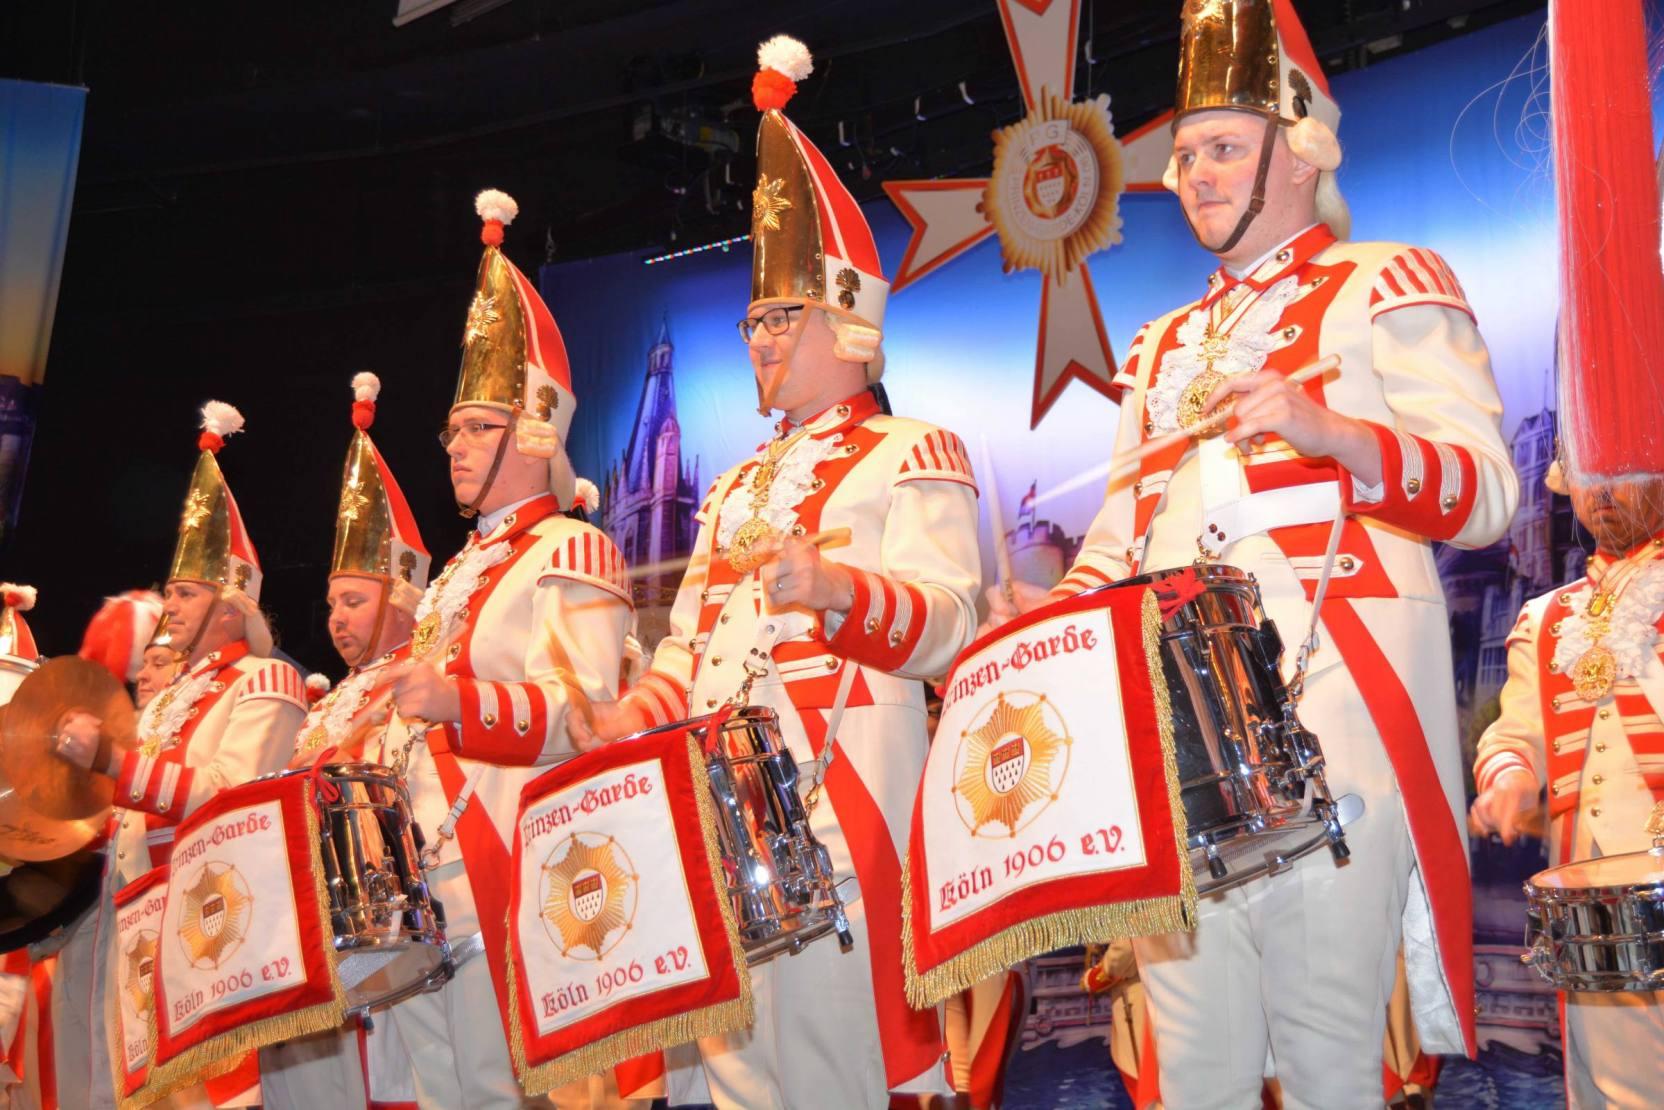 karneval-im-kleinen-schwarzen-galasitzung-abendgarderobe